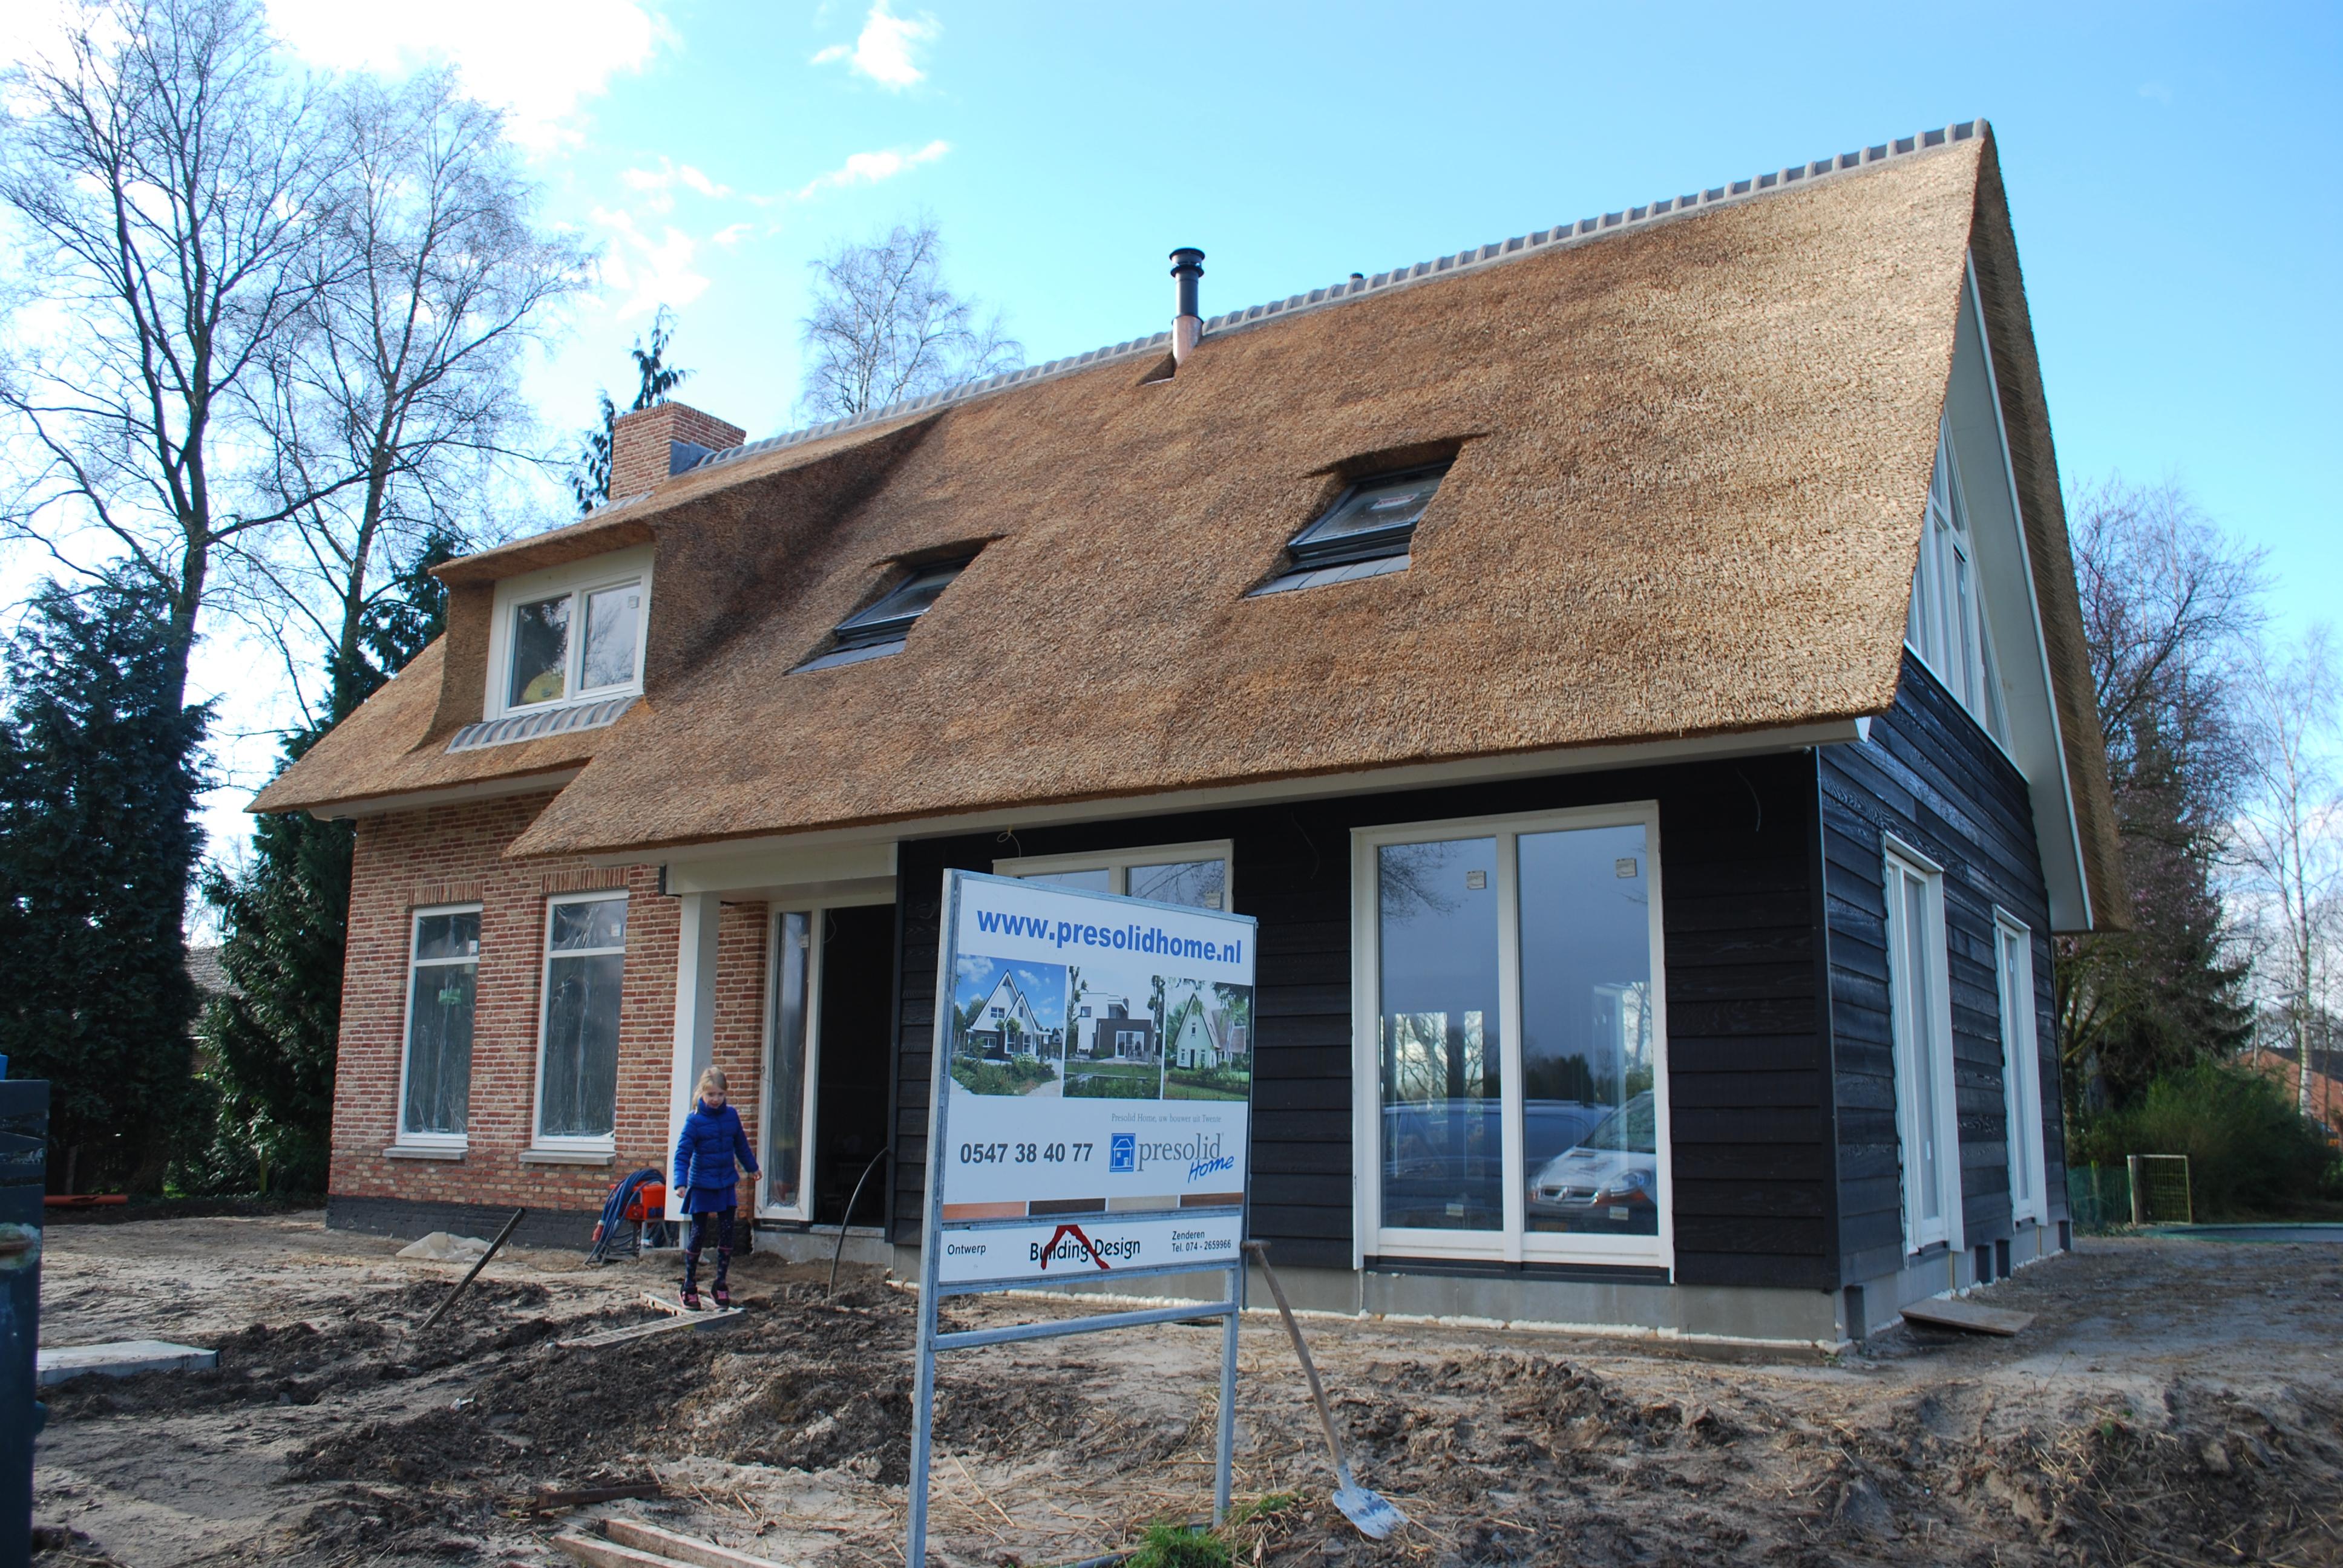 Top huisje schilderen idee ic with buitenkant huis schilderen for Wat kost een huis laten schilderen